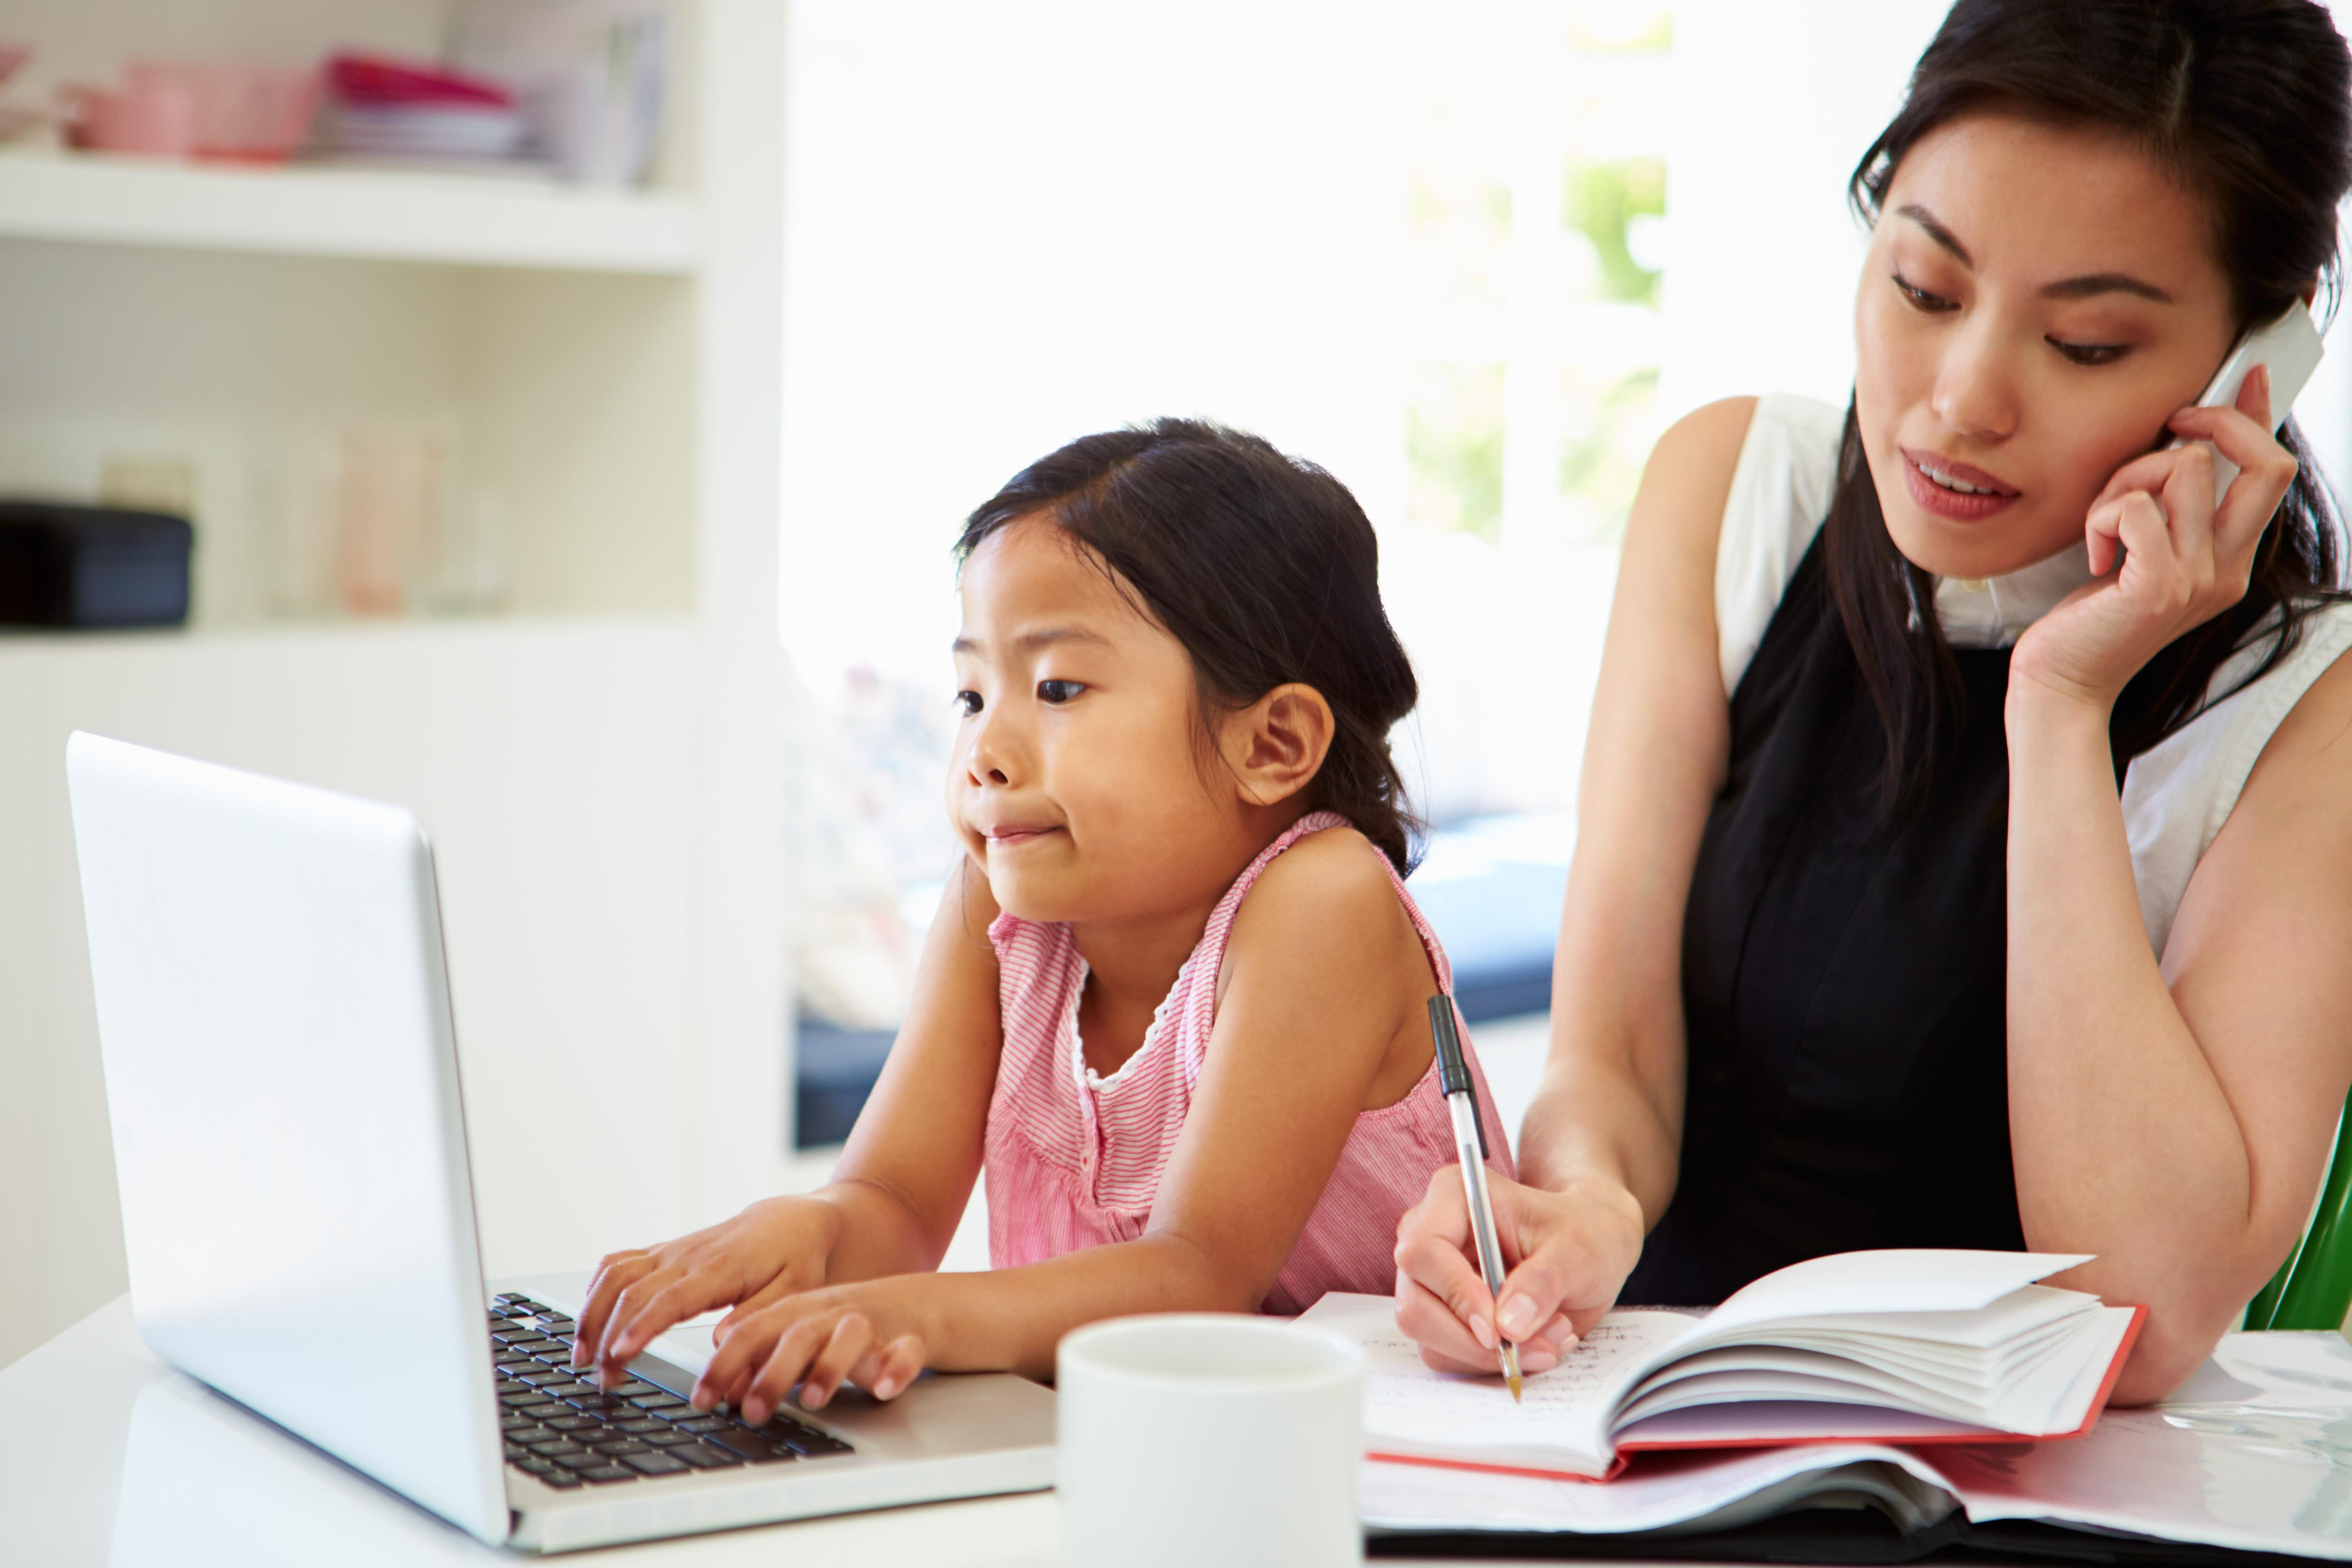 居家時間增加,你跟家人的相處有什麼轉變?